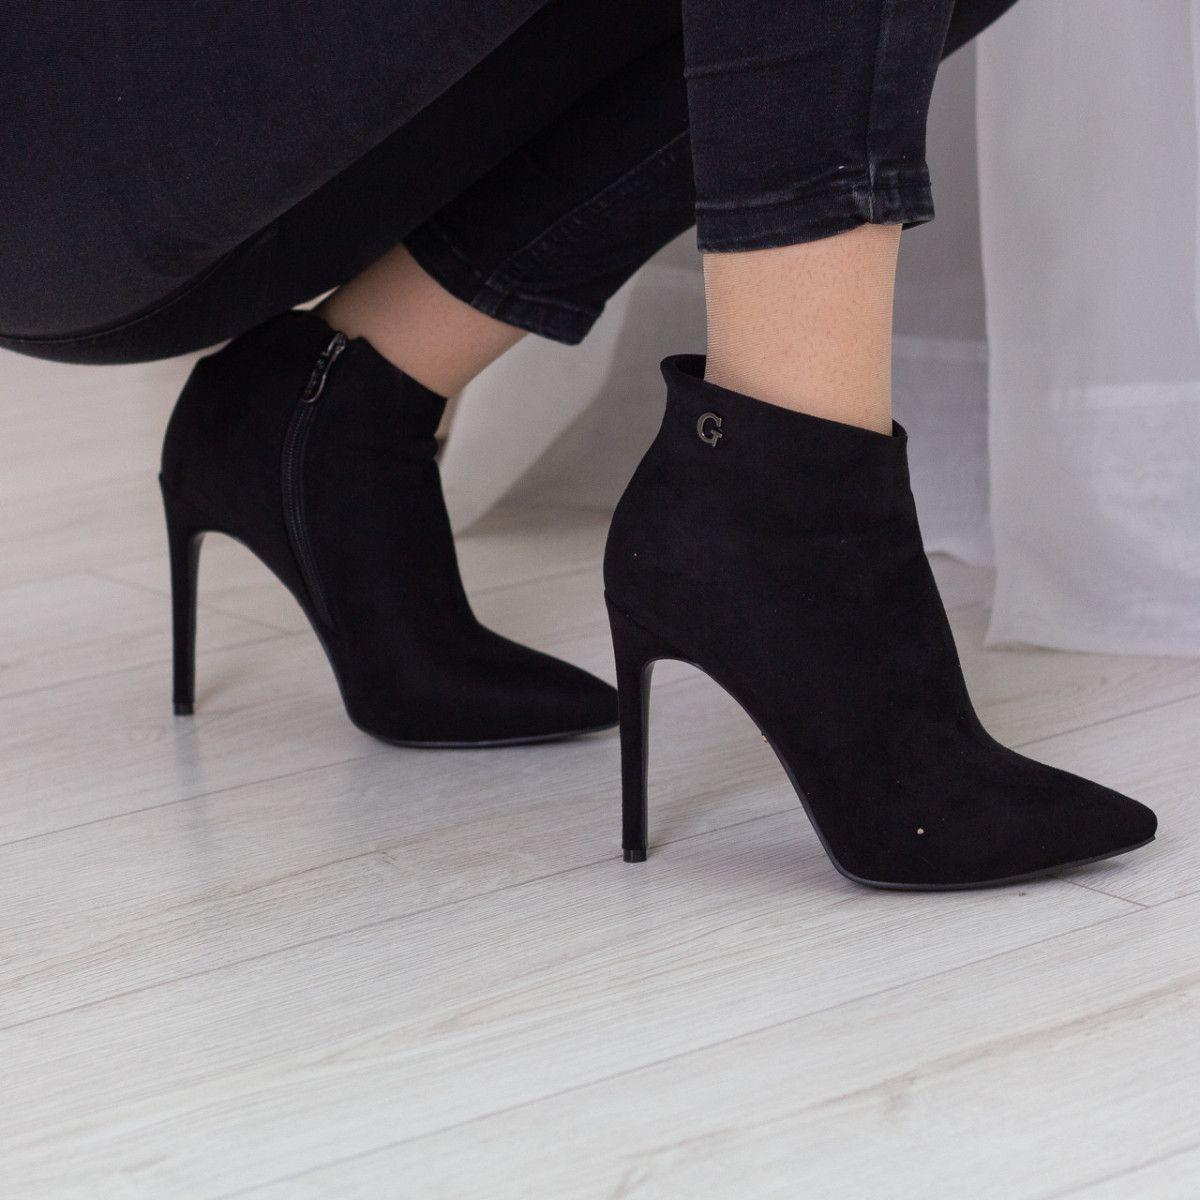 Ботильоны женские Fashion Gale 2472 38 размер 24,5 см Черный